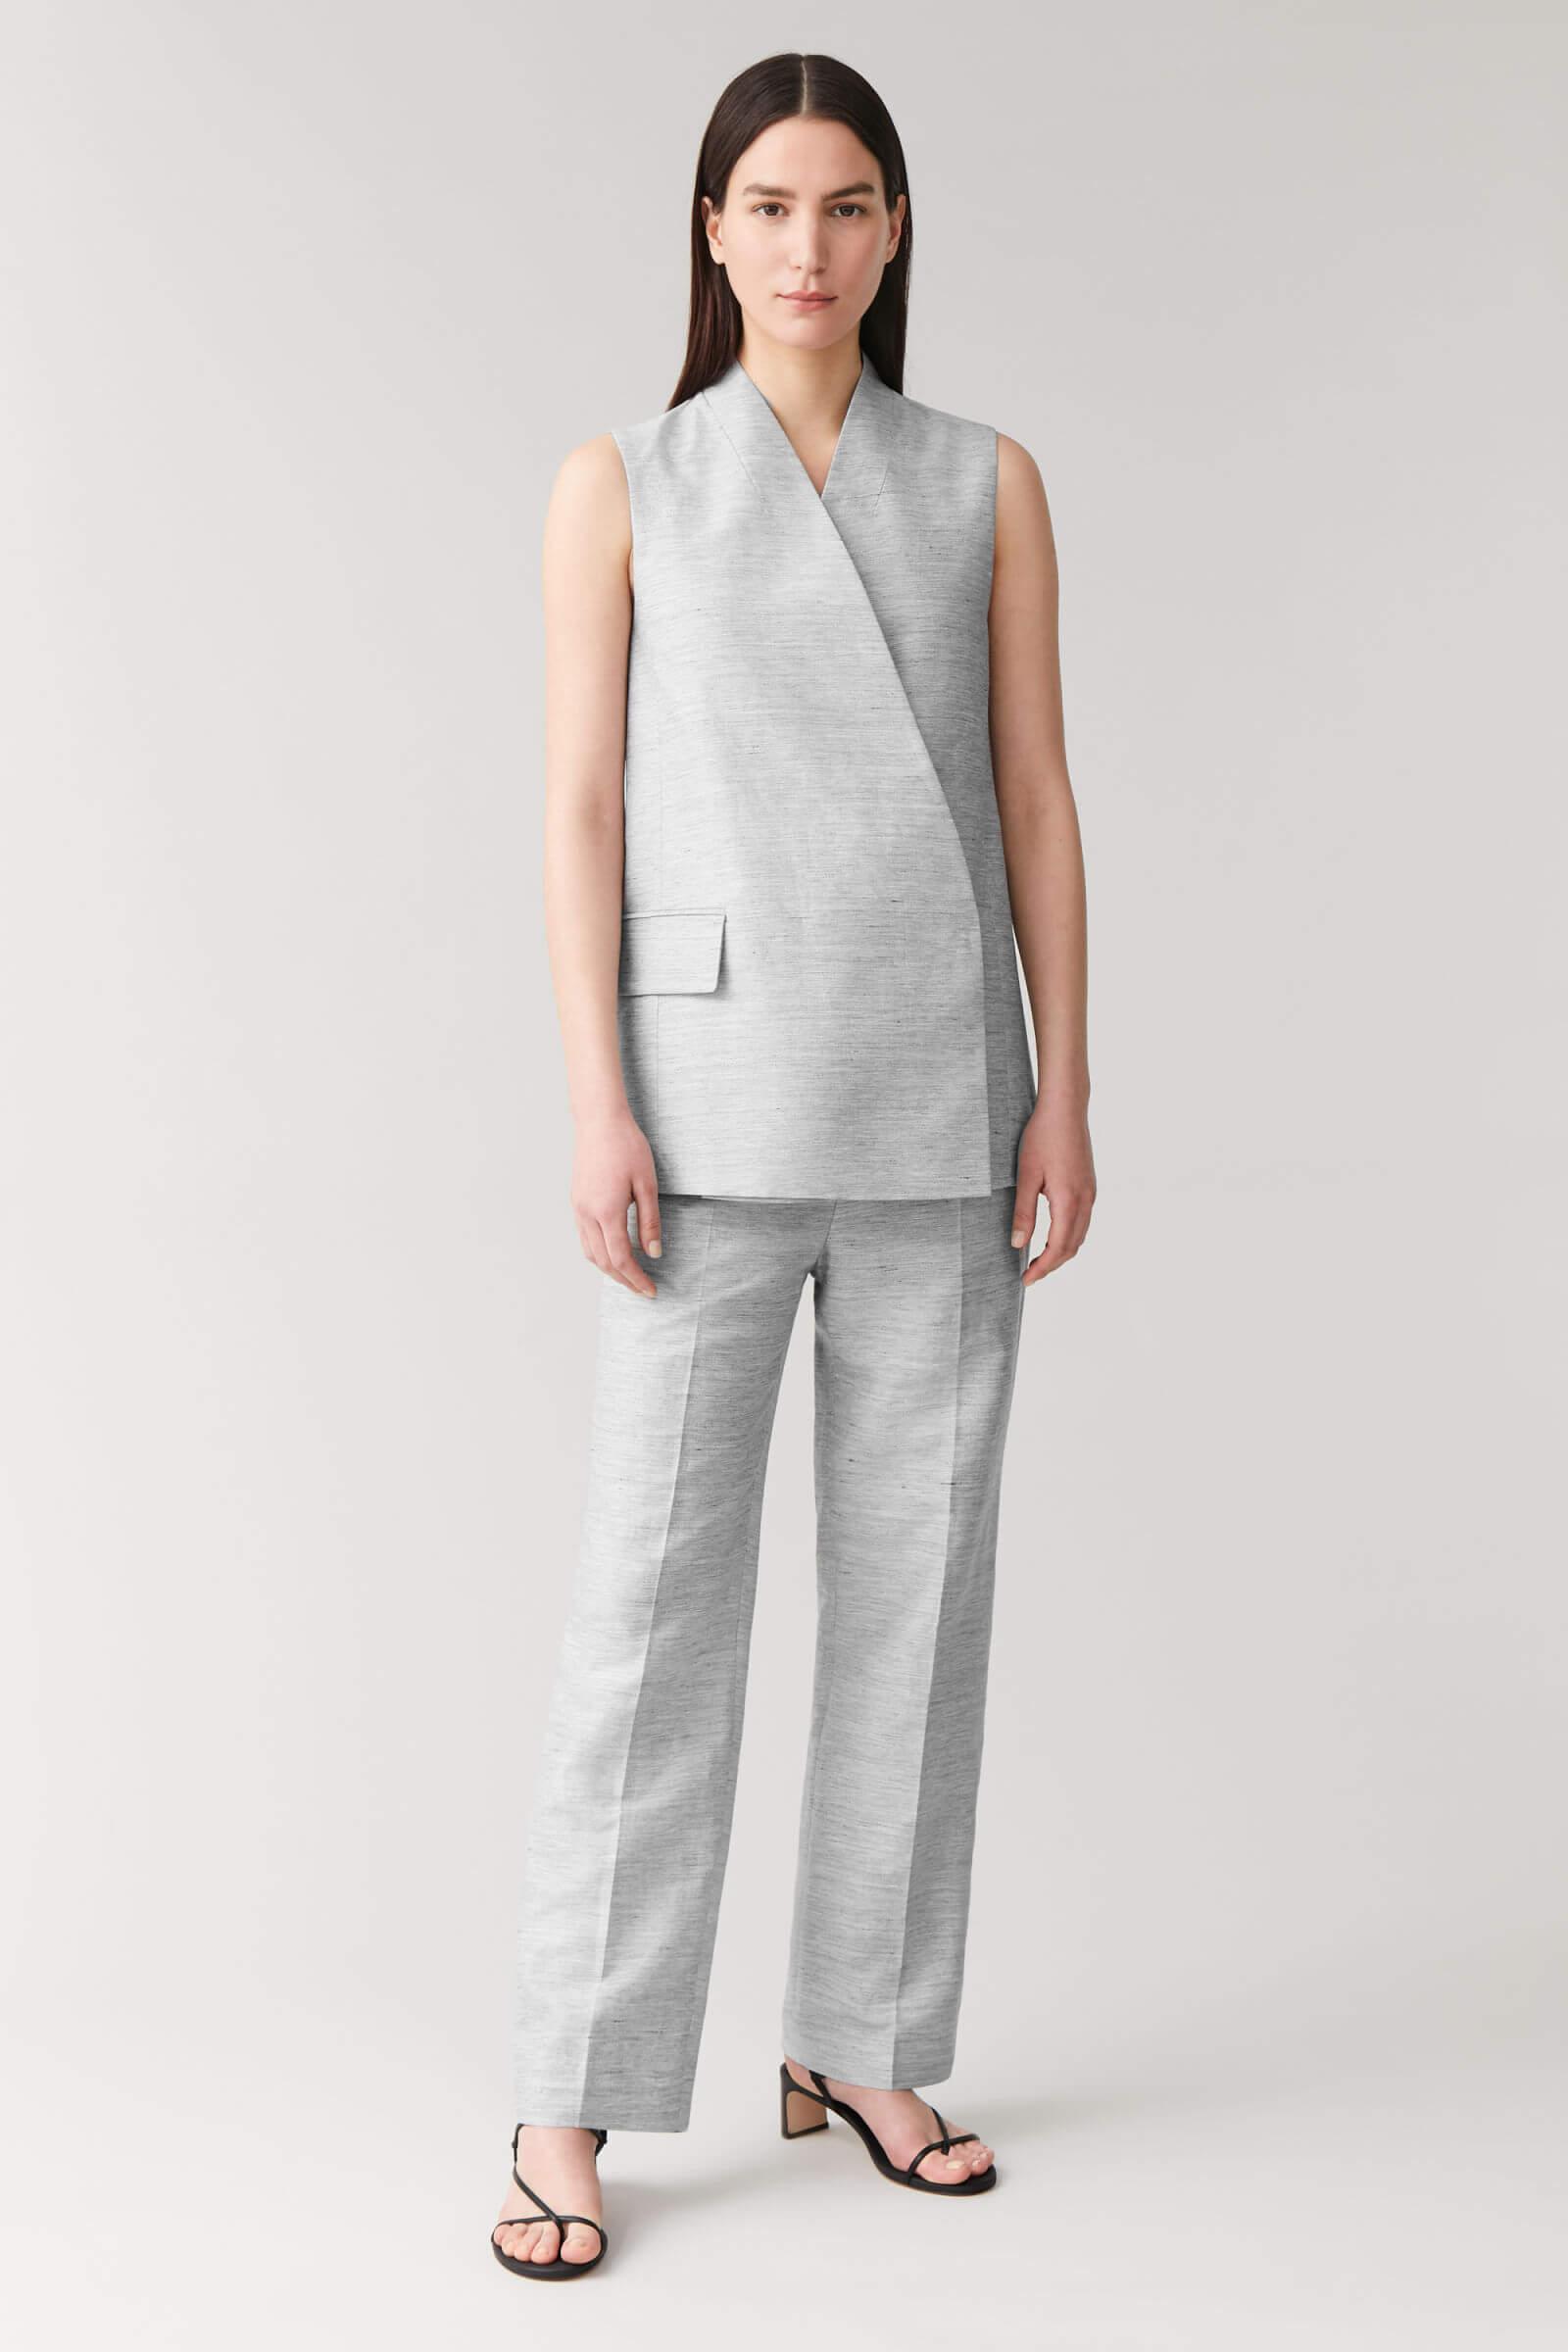 Ljusgrå kostym kvinna